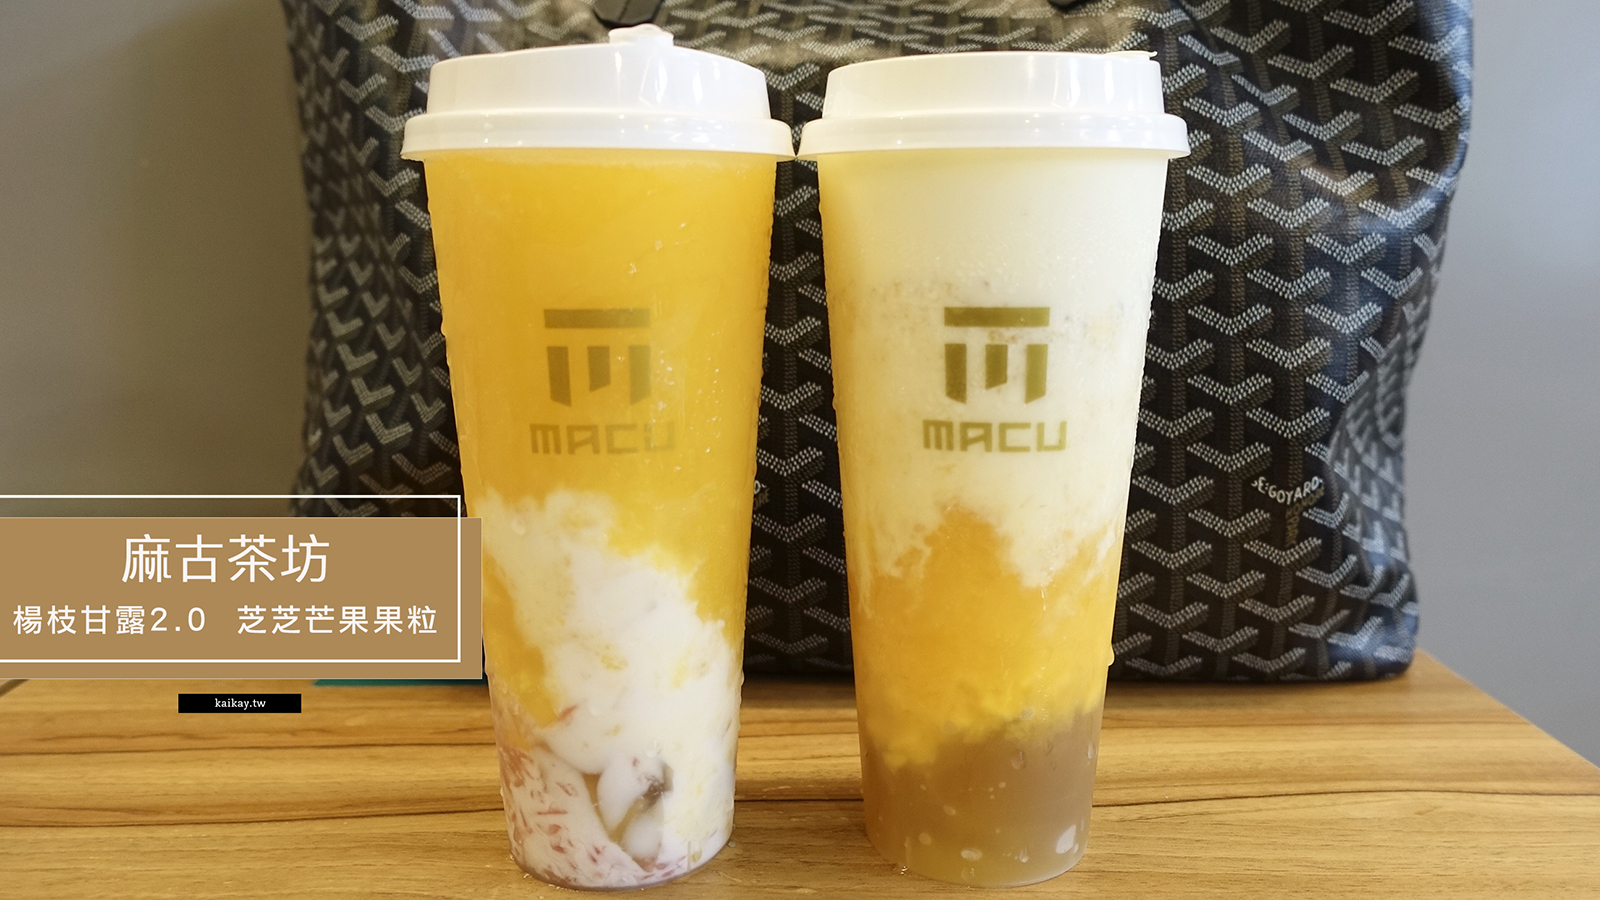 網站熱門文章:☆【麻古茶坊】楊枝甘露2.0、芝芝芒果果粒喝起來!最好喝的起司奶蓋